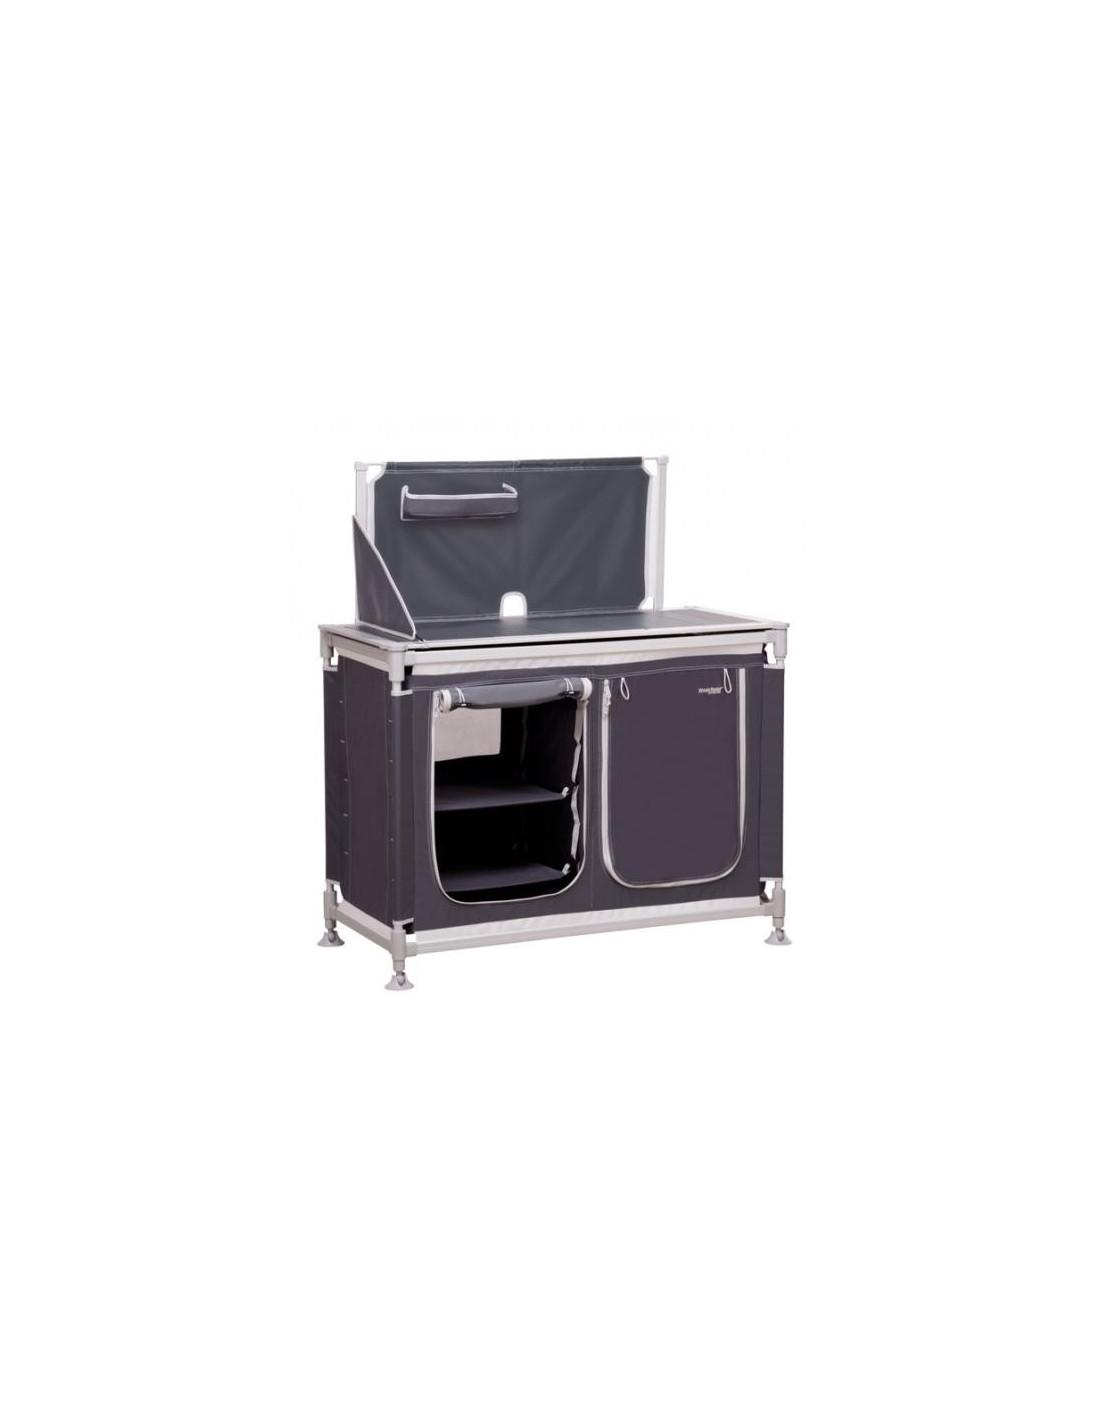 Mueble cocina alta calidad aluminio westfield 4 estantes for Muebles cocina online